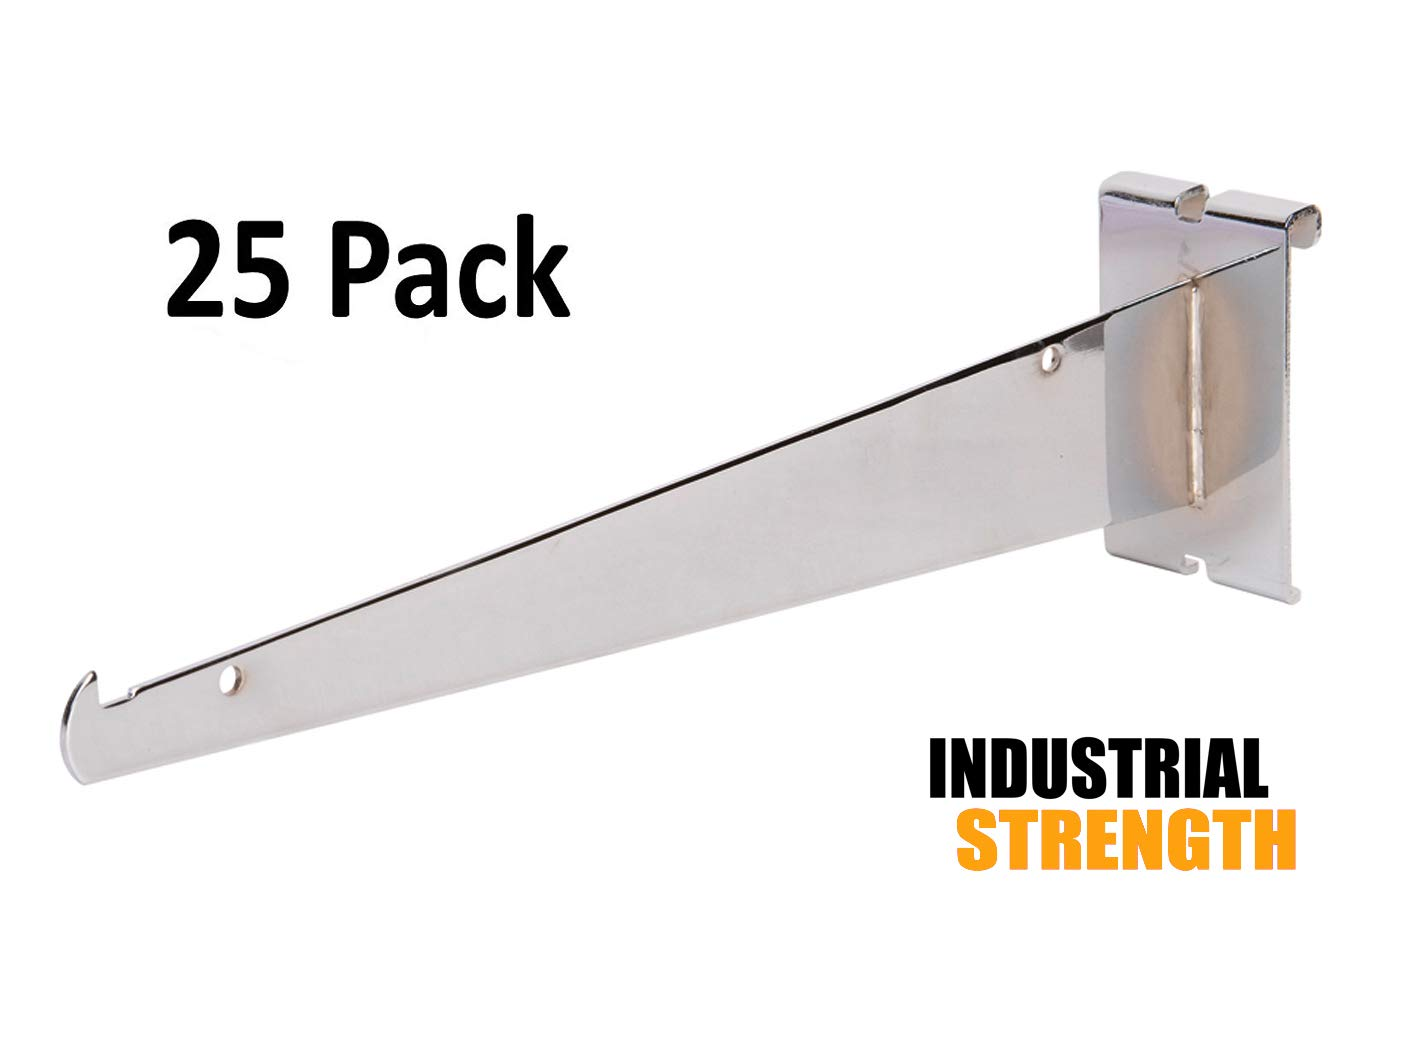 Only Hangers Shelf Brackets for Gridwall, 12'' Chrome Grid Panel Brackets (Pack of 25) - Shelf Brackets Fit all 3'' x 3'' Standard Gridwall Panels